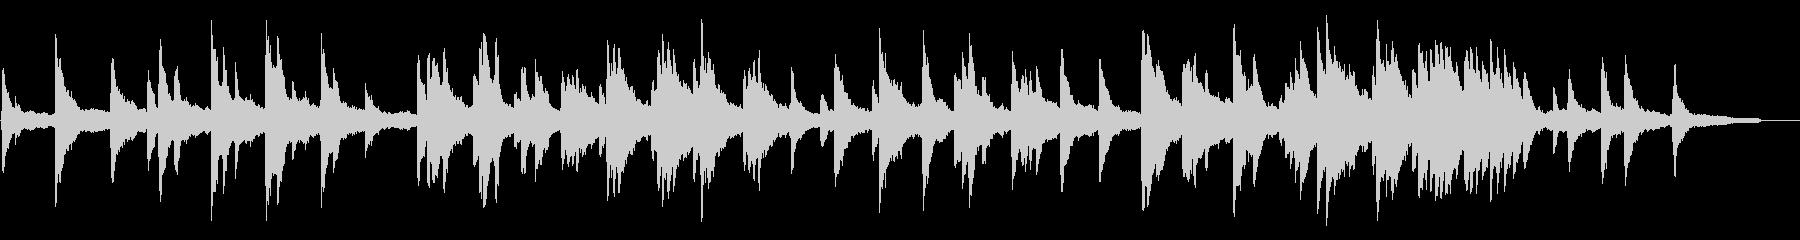 ヒーリングピアノ組曲 まどろみ 6の未再生の波形